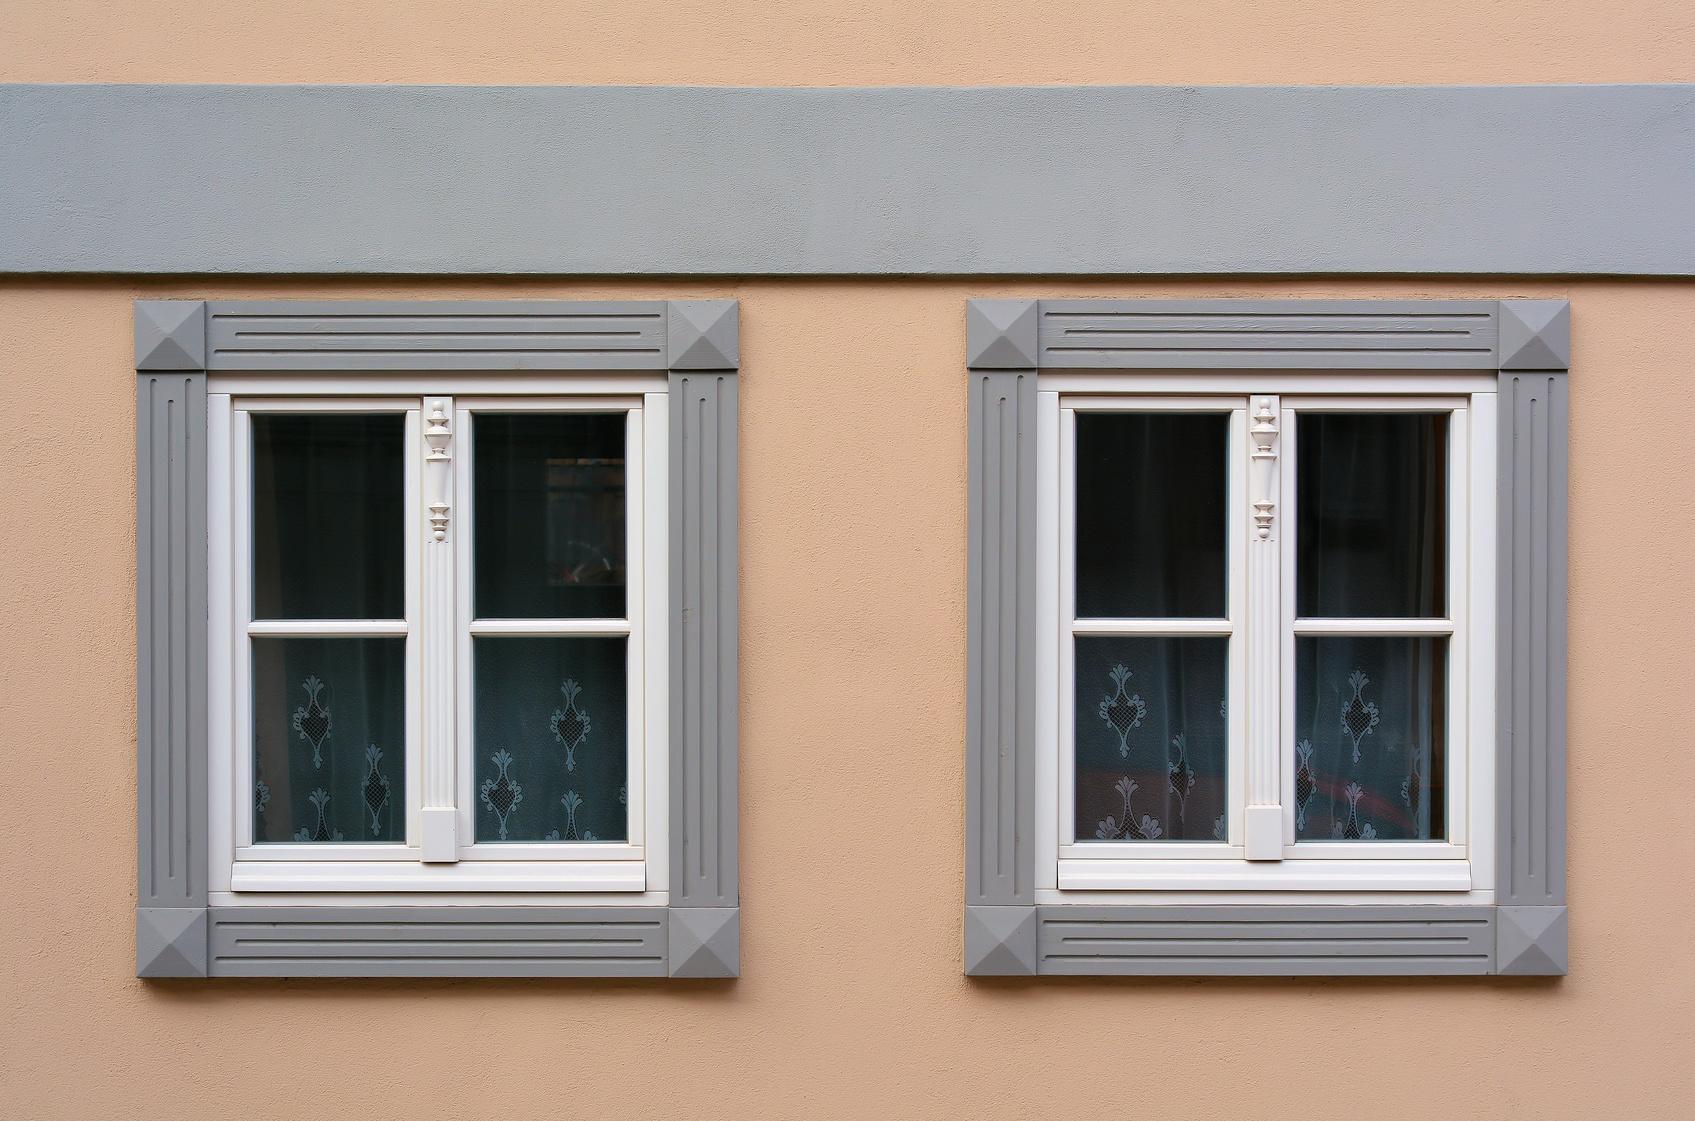 Full Size of Fenster Austauschen Preis Kosten Preisvergleich Altbau Fensterfugen Erneuern Rechner Fenstersprossen Nachtrglich Einbauen Bremen Bauhaus Tauschen Fenster Fenster Erneuern Kosten